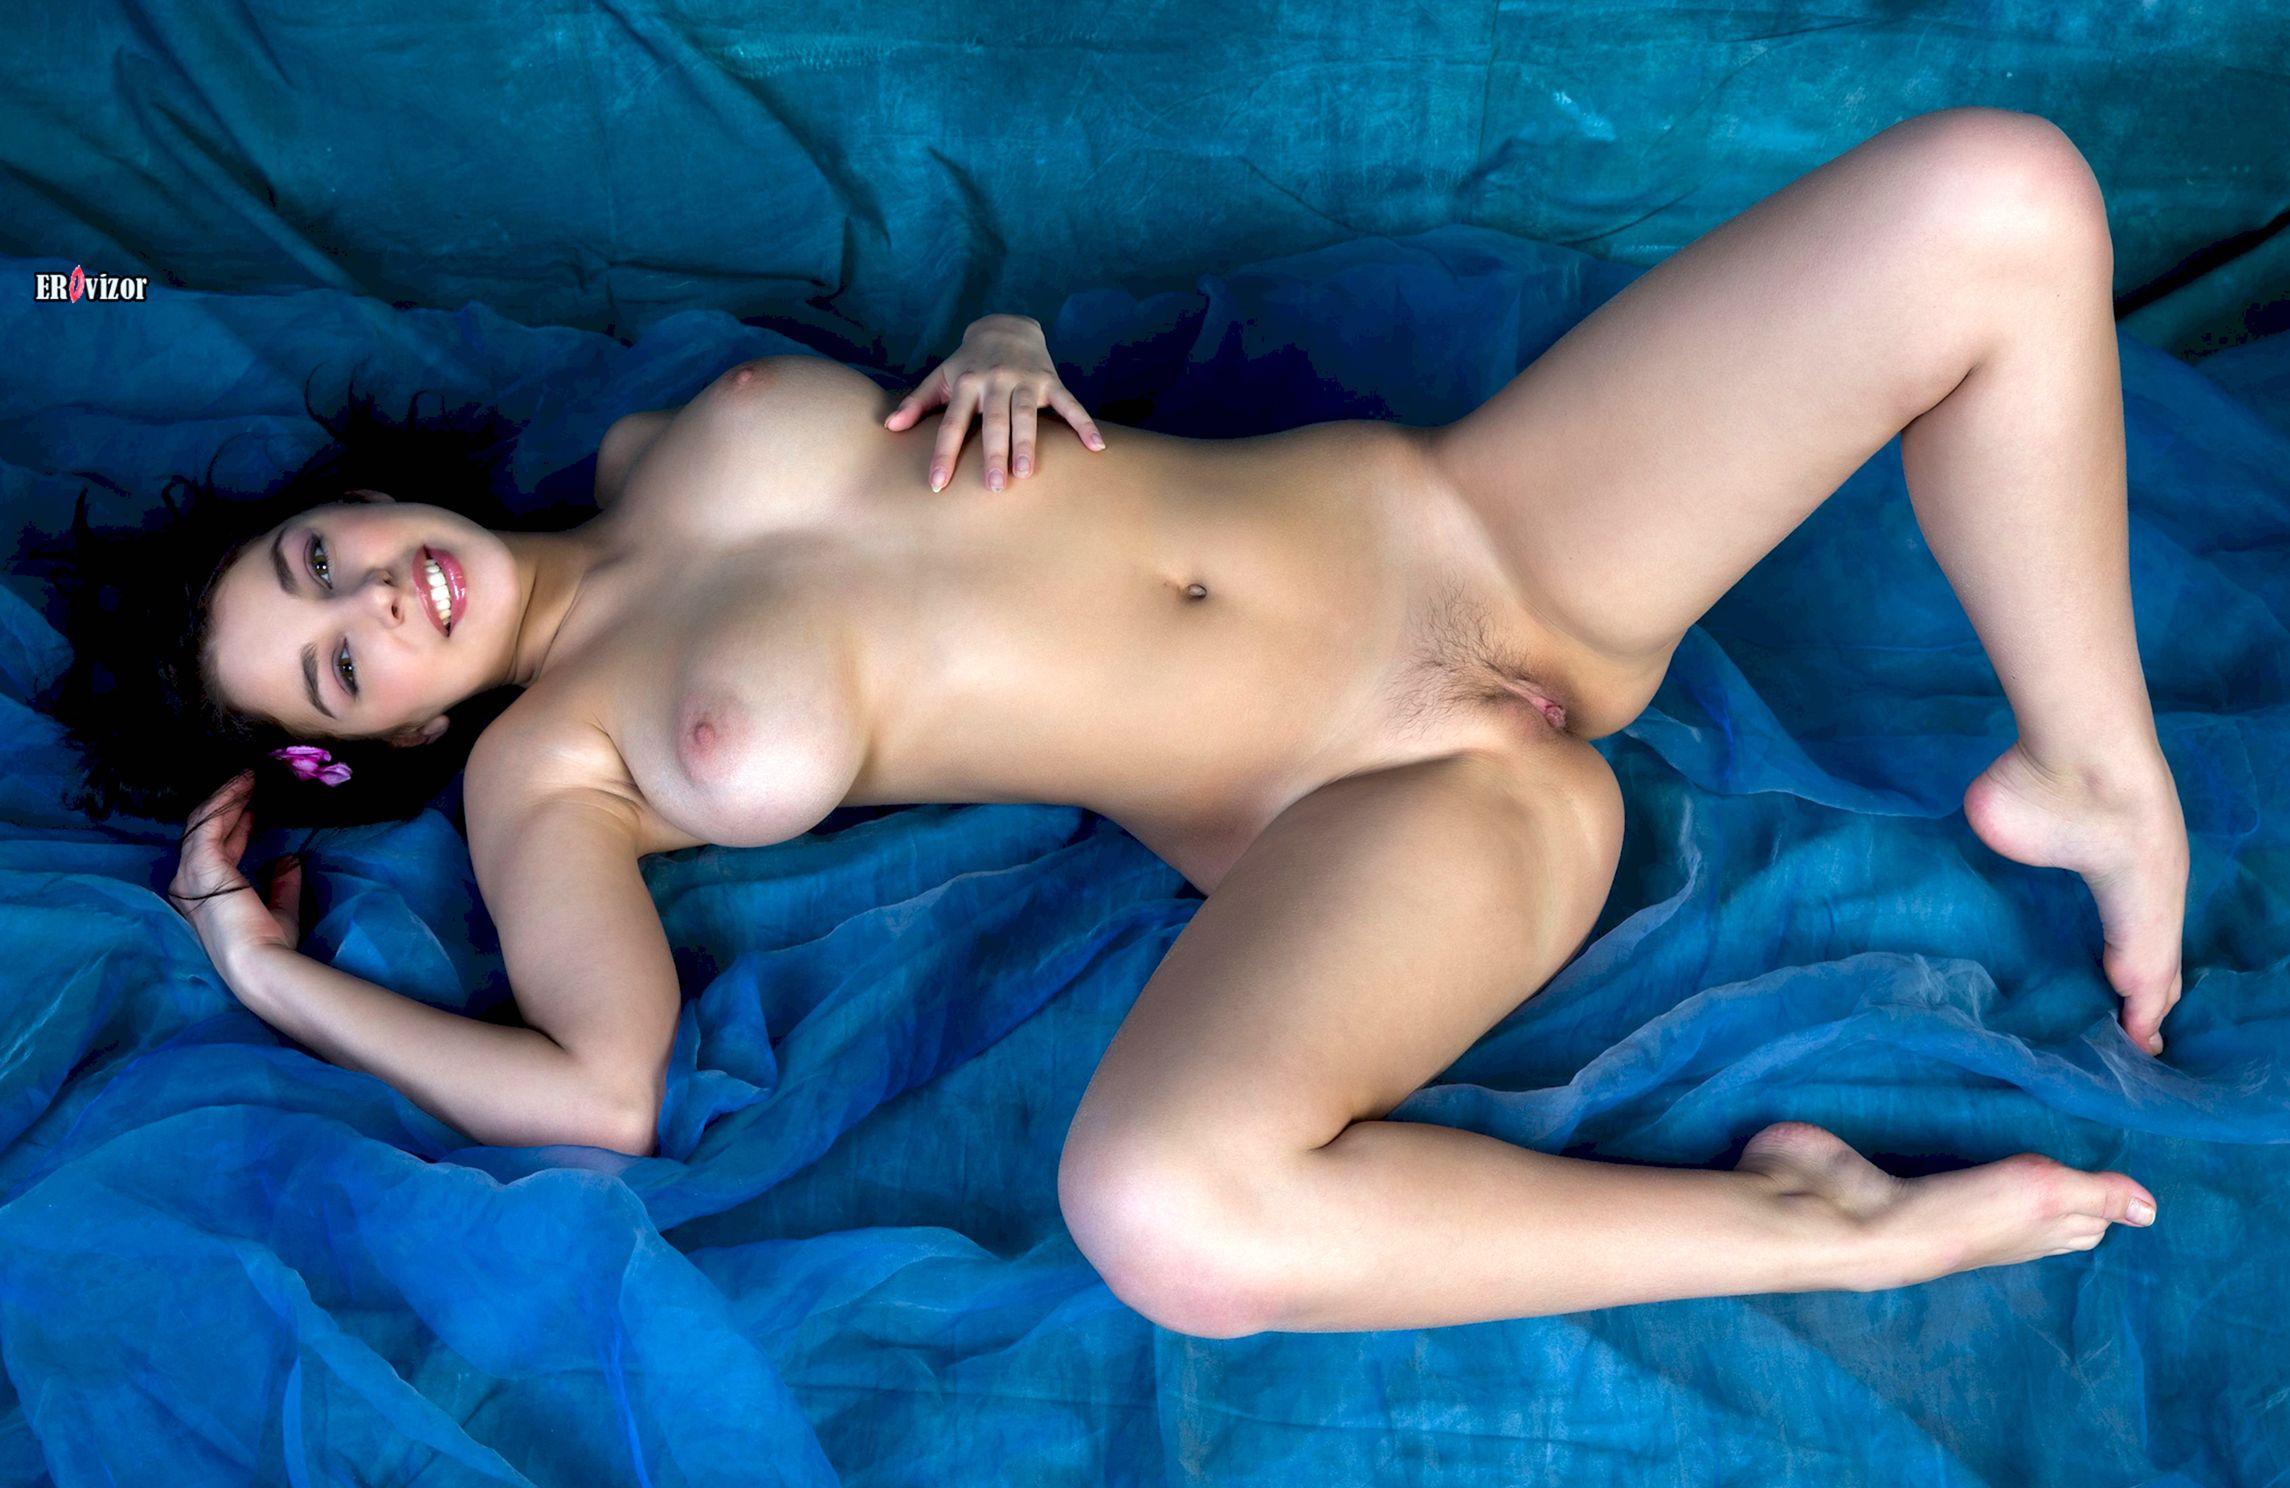 Сексуальное фото обнаженной девушки